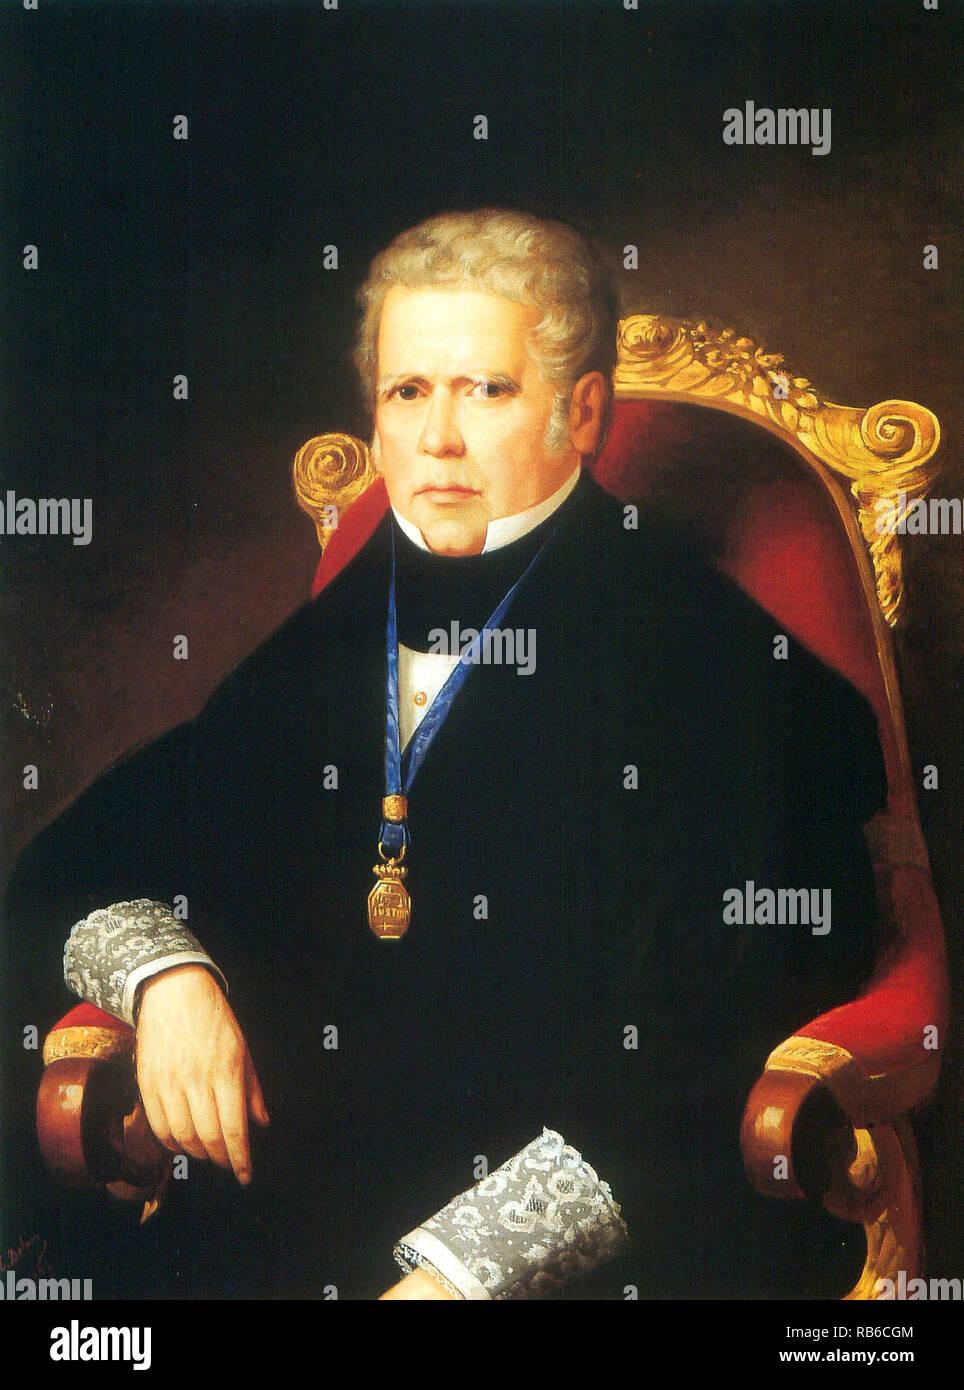 Álvaro Gómez Becerra (1771 – 1855) Spanish politician and Prime Minister of Spain in 1843 - Stock Image